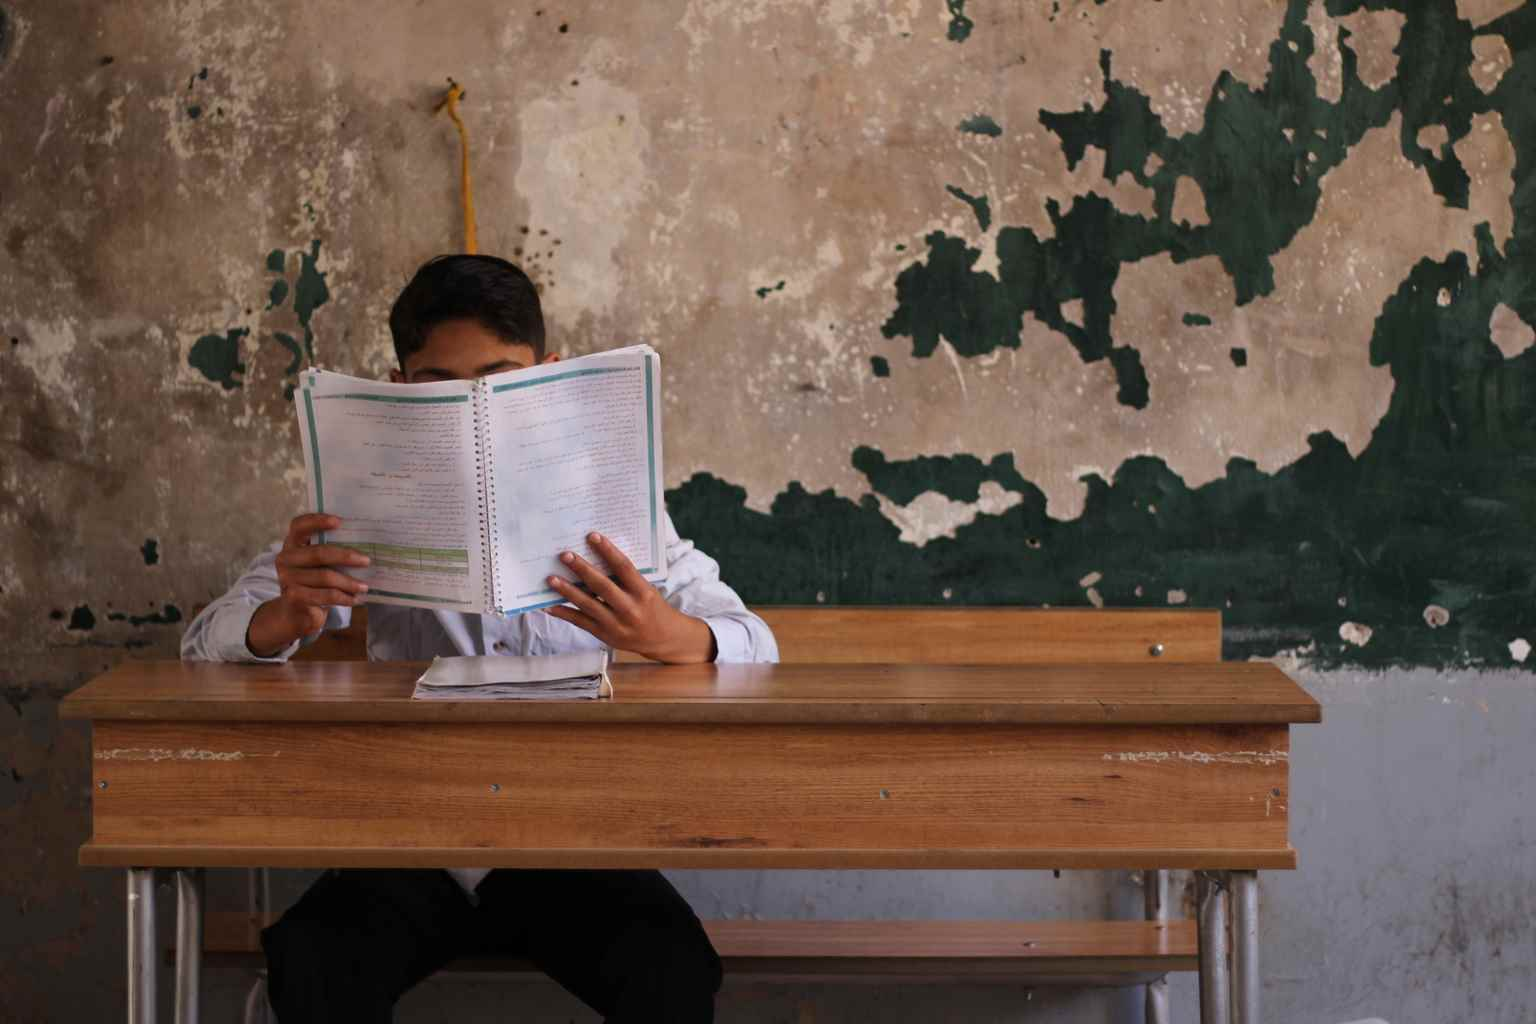 """في جميع أنحاء سوريا، انطلق 10 آلاف طفل وطفلة في رحلة لحضور امتحاناتهم، ومشوا لساعات، عابرين خطوط النزاع وحقول الألغام من أجل الوصول إلى مراكز الامتحانات. وبحسب """"يونيسيف""""، كان على الكثير منهم التسلل من نقاط التفتيش المسلحة، بينما صعد آخرون الجبال للحصول على إشارة الإنترنت لتحميل الكتب ليحضروا من أجل للامتحانات- آيار وحزيران 2017(يونيسيف)"""